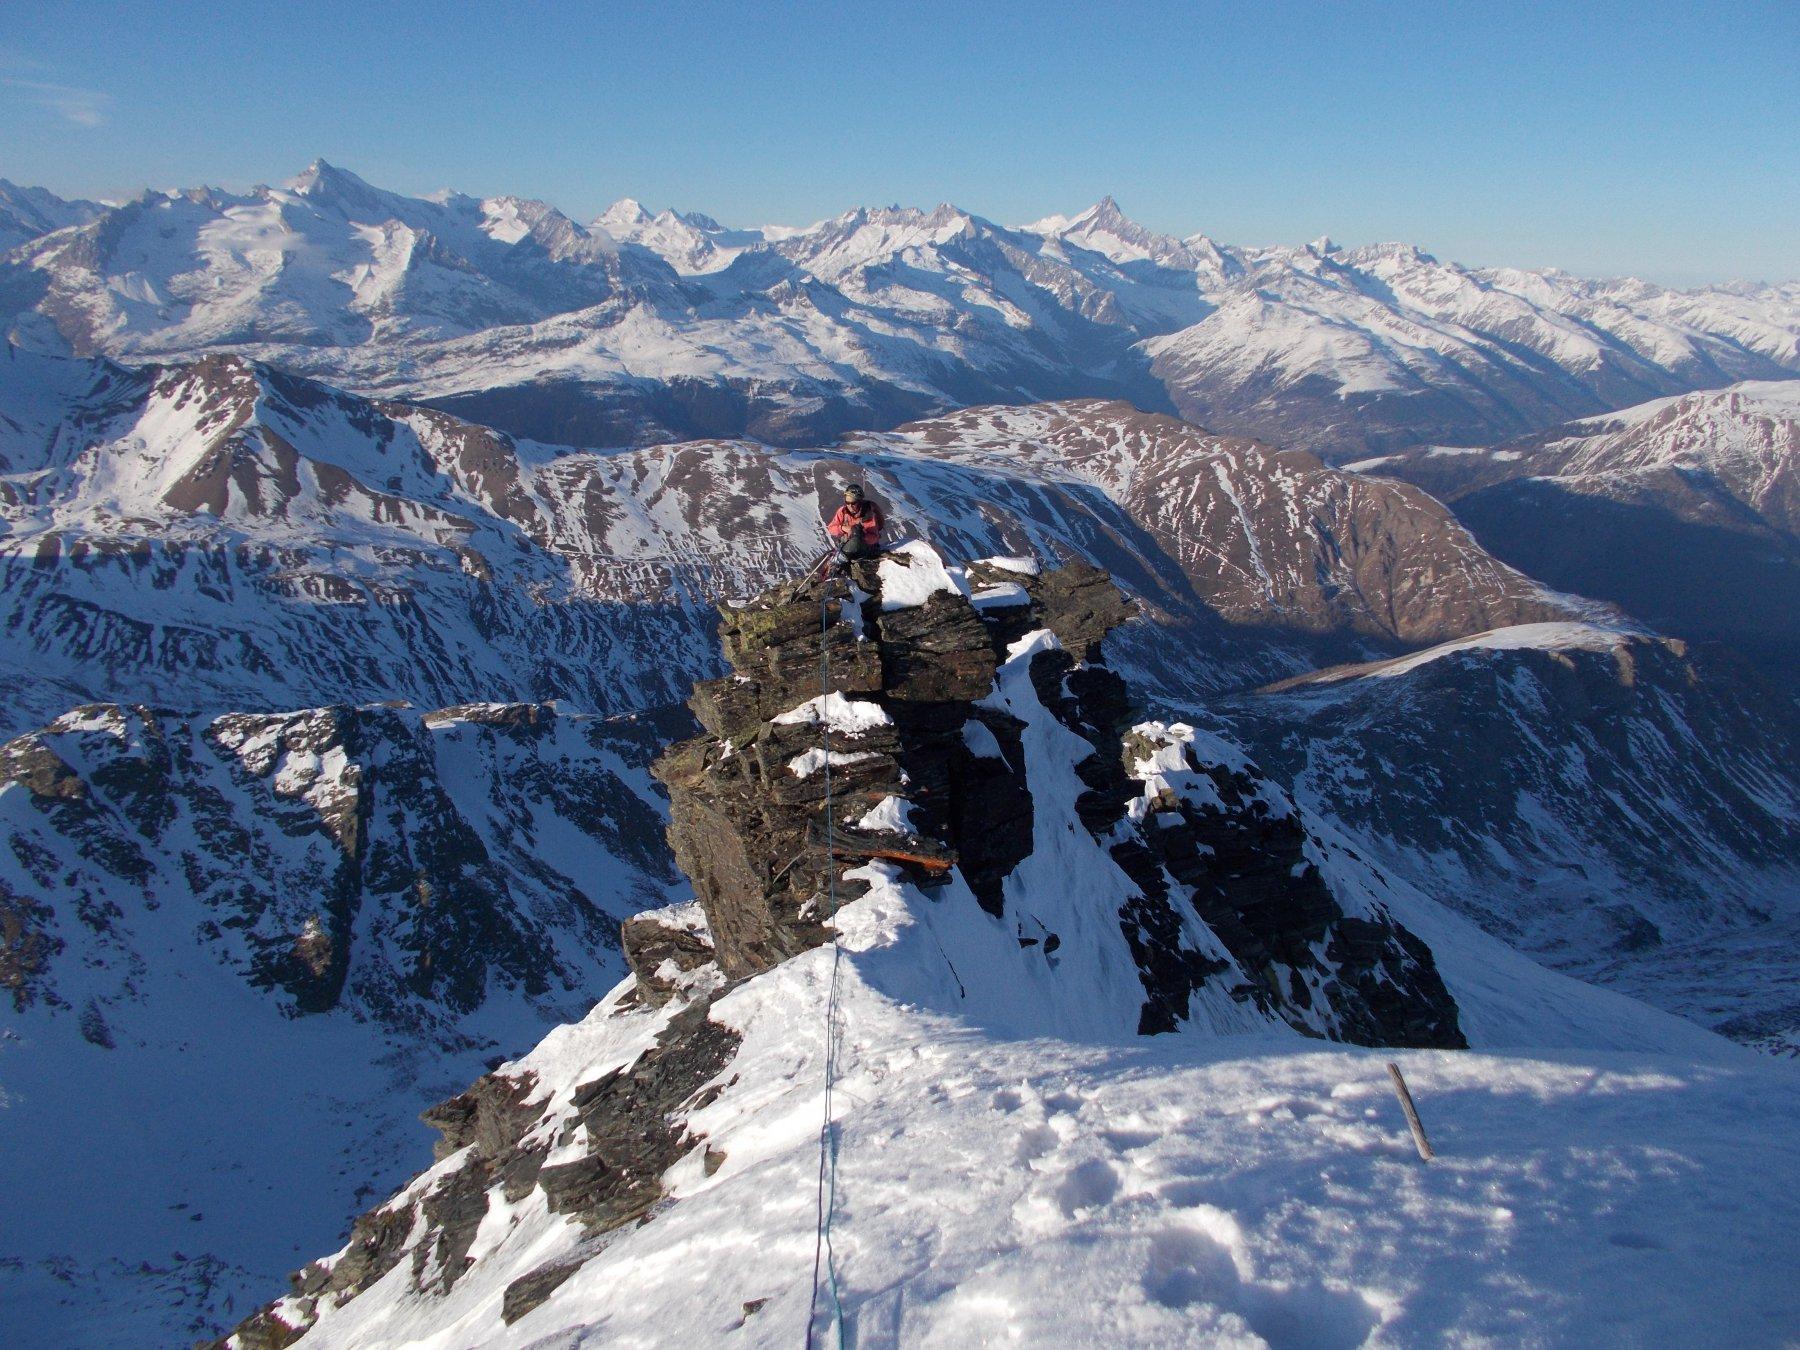 sulla cresta nord all' Hillehorn..con l'Oberland sullo sfondo..le cose si complicano ulteriormente..